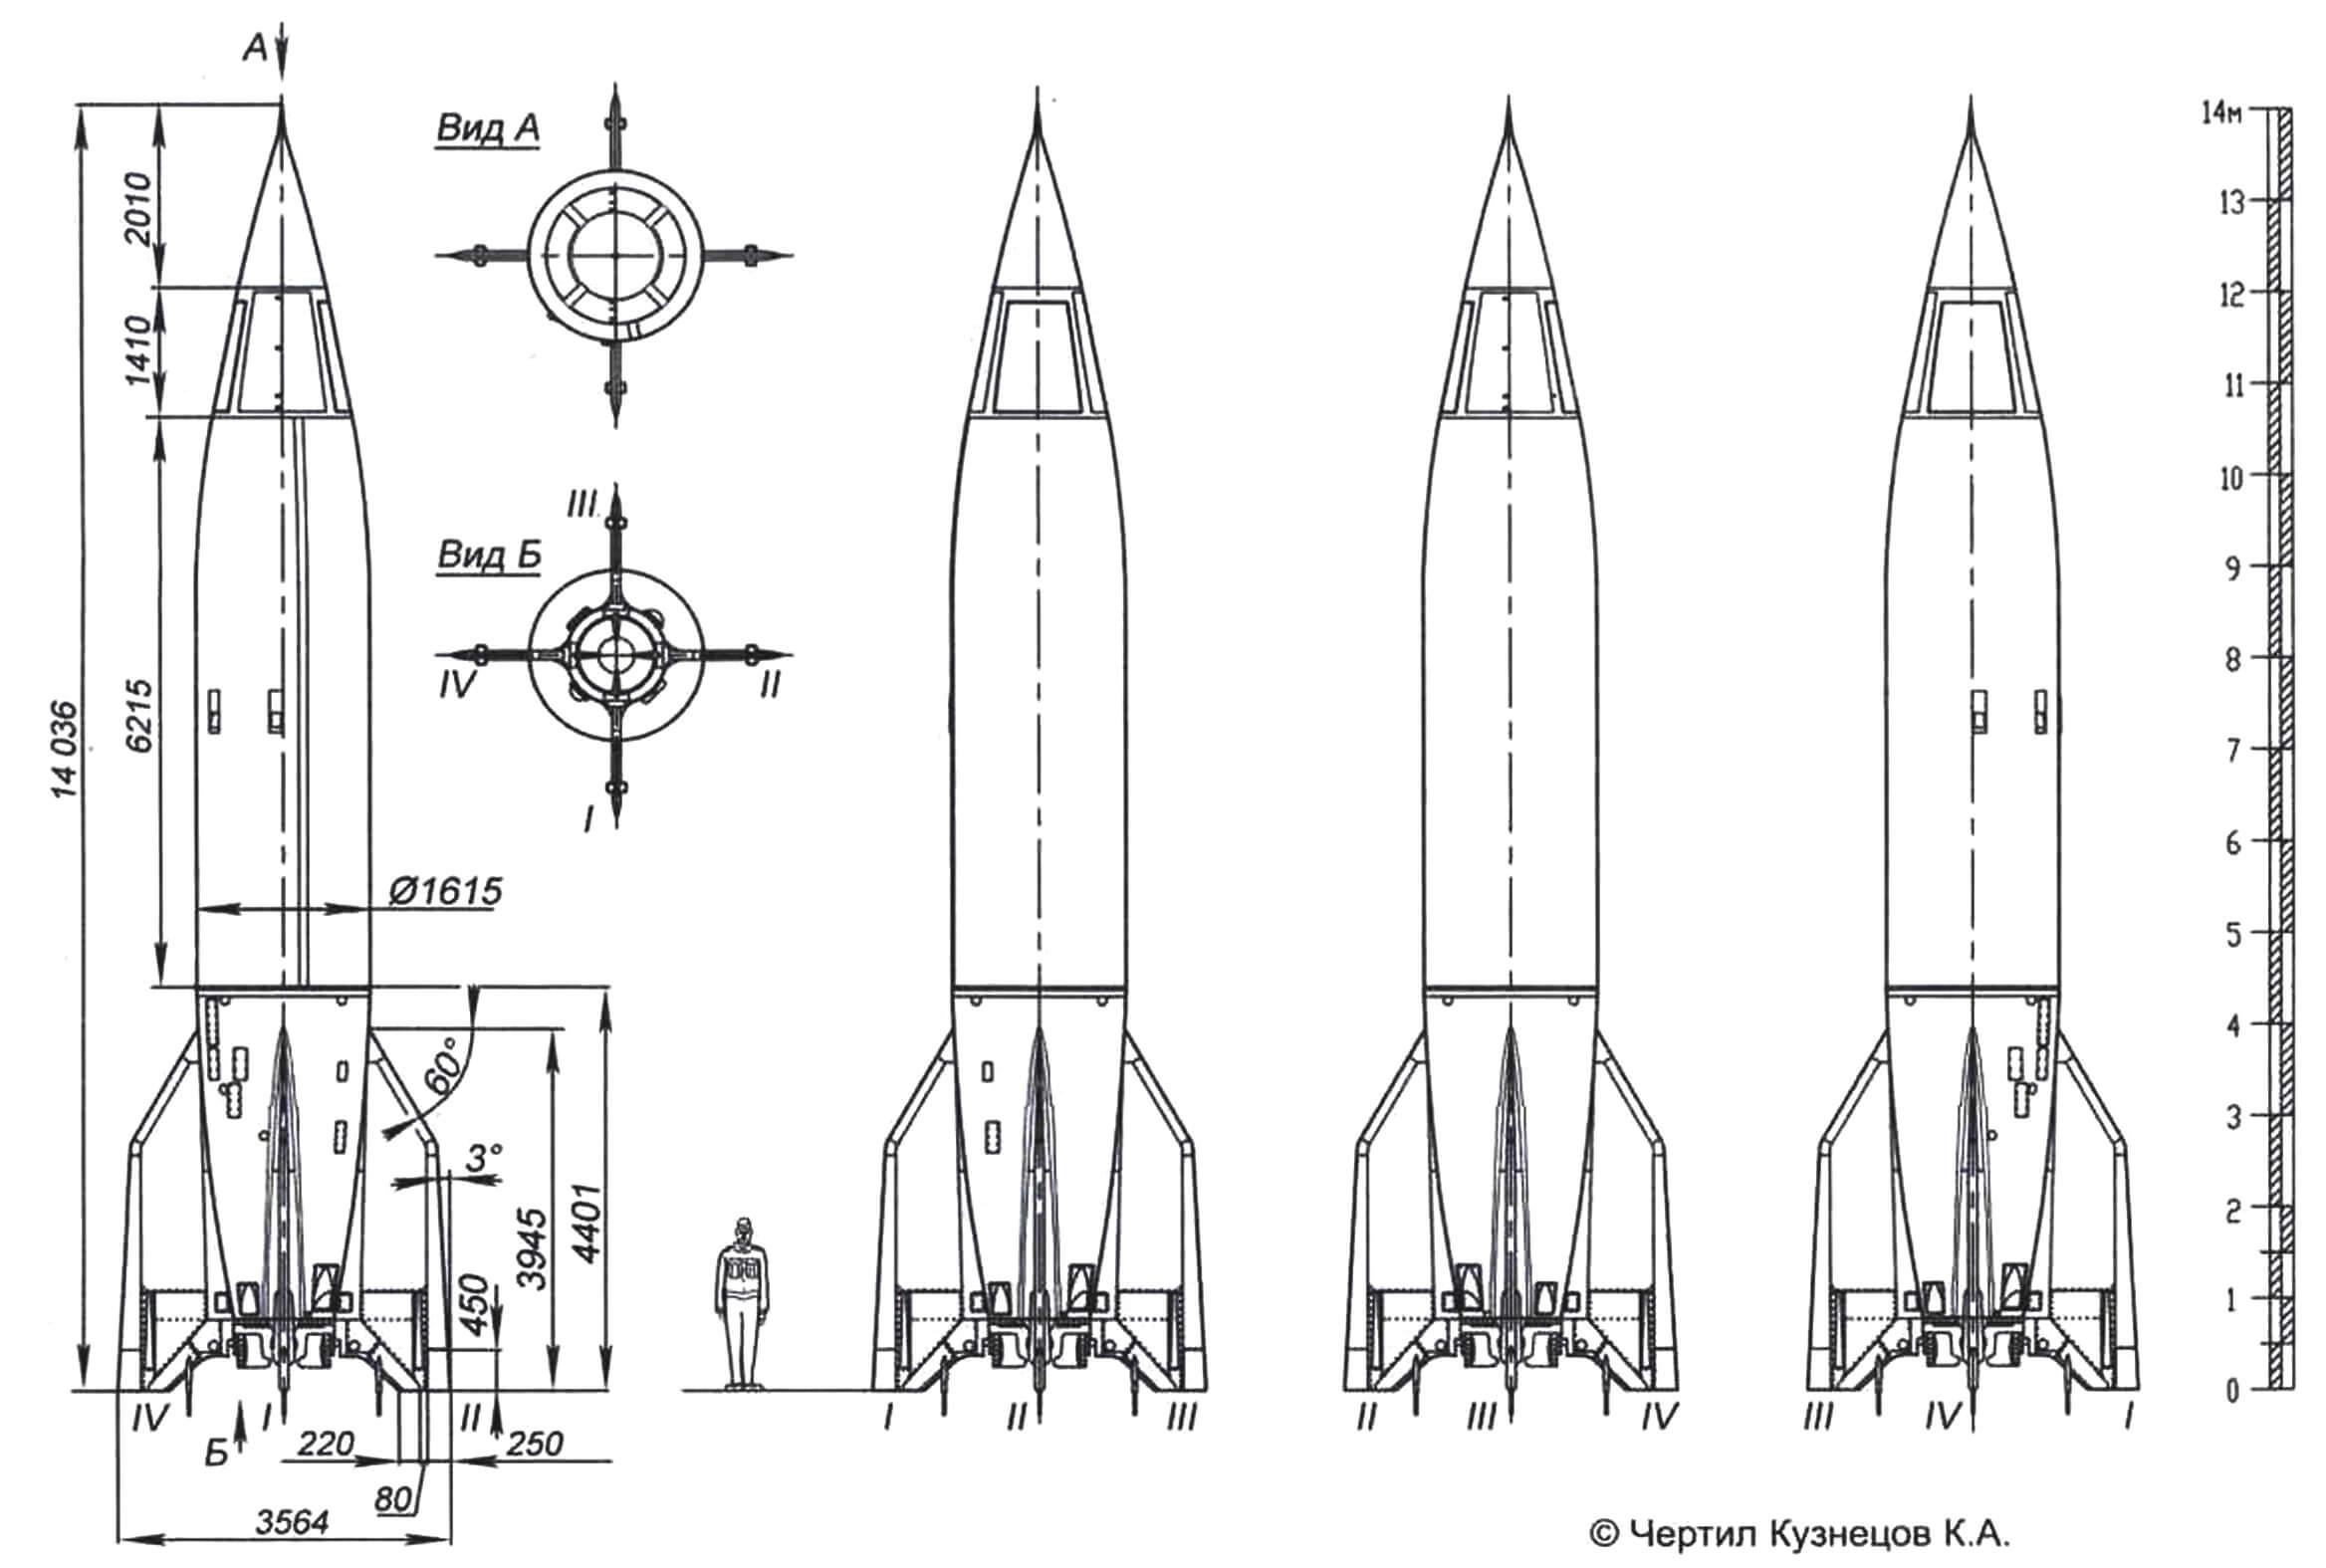 Фау-2: ракета гитлера, положившая начало космической эре - korrespondent.net